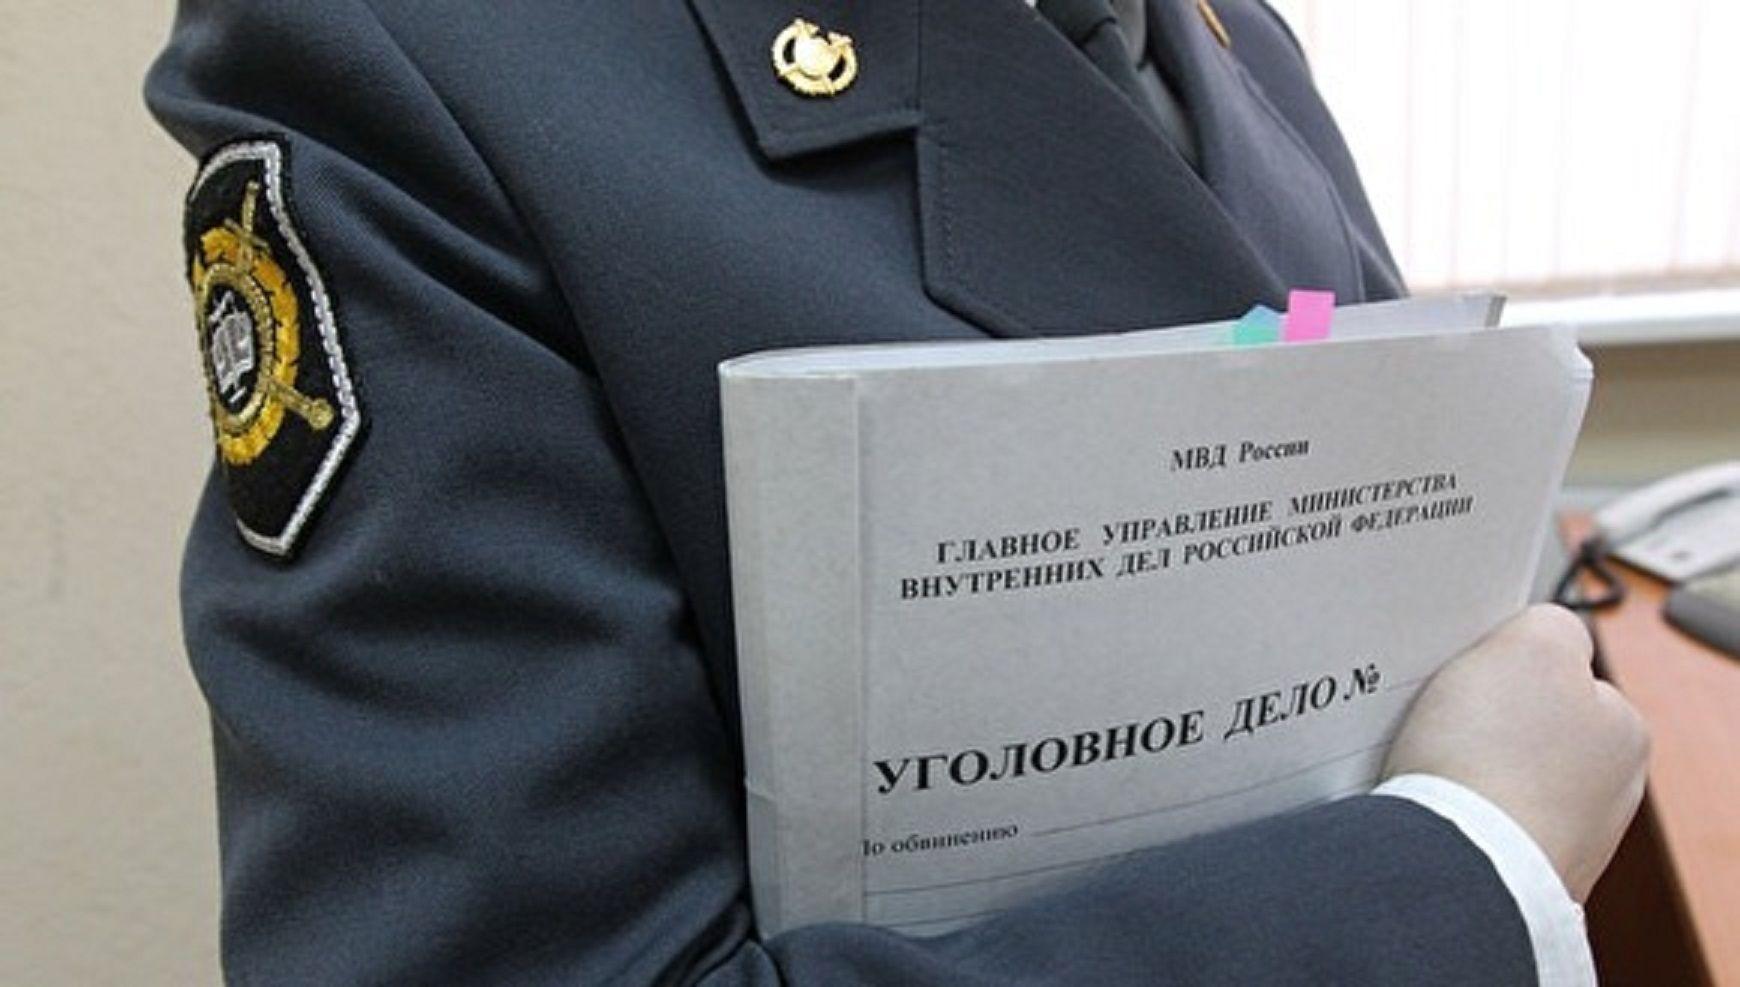 НаСтаврополье хозяин жилья изнасиловал 4-летнюю дочь квартирантов